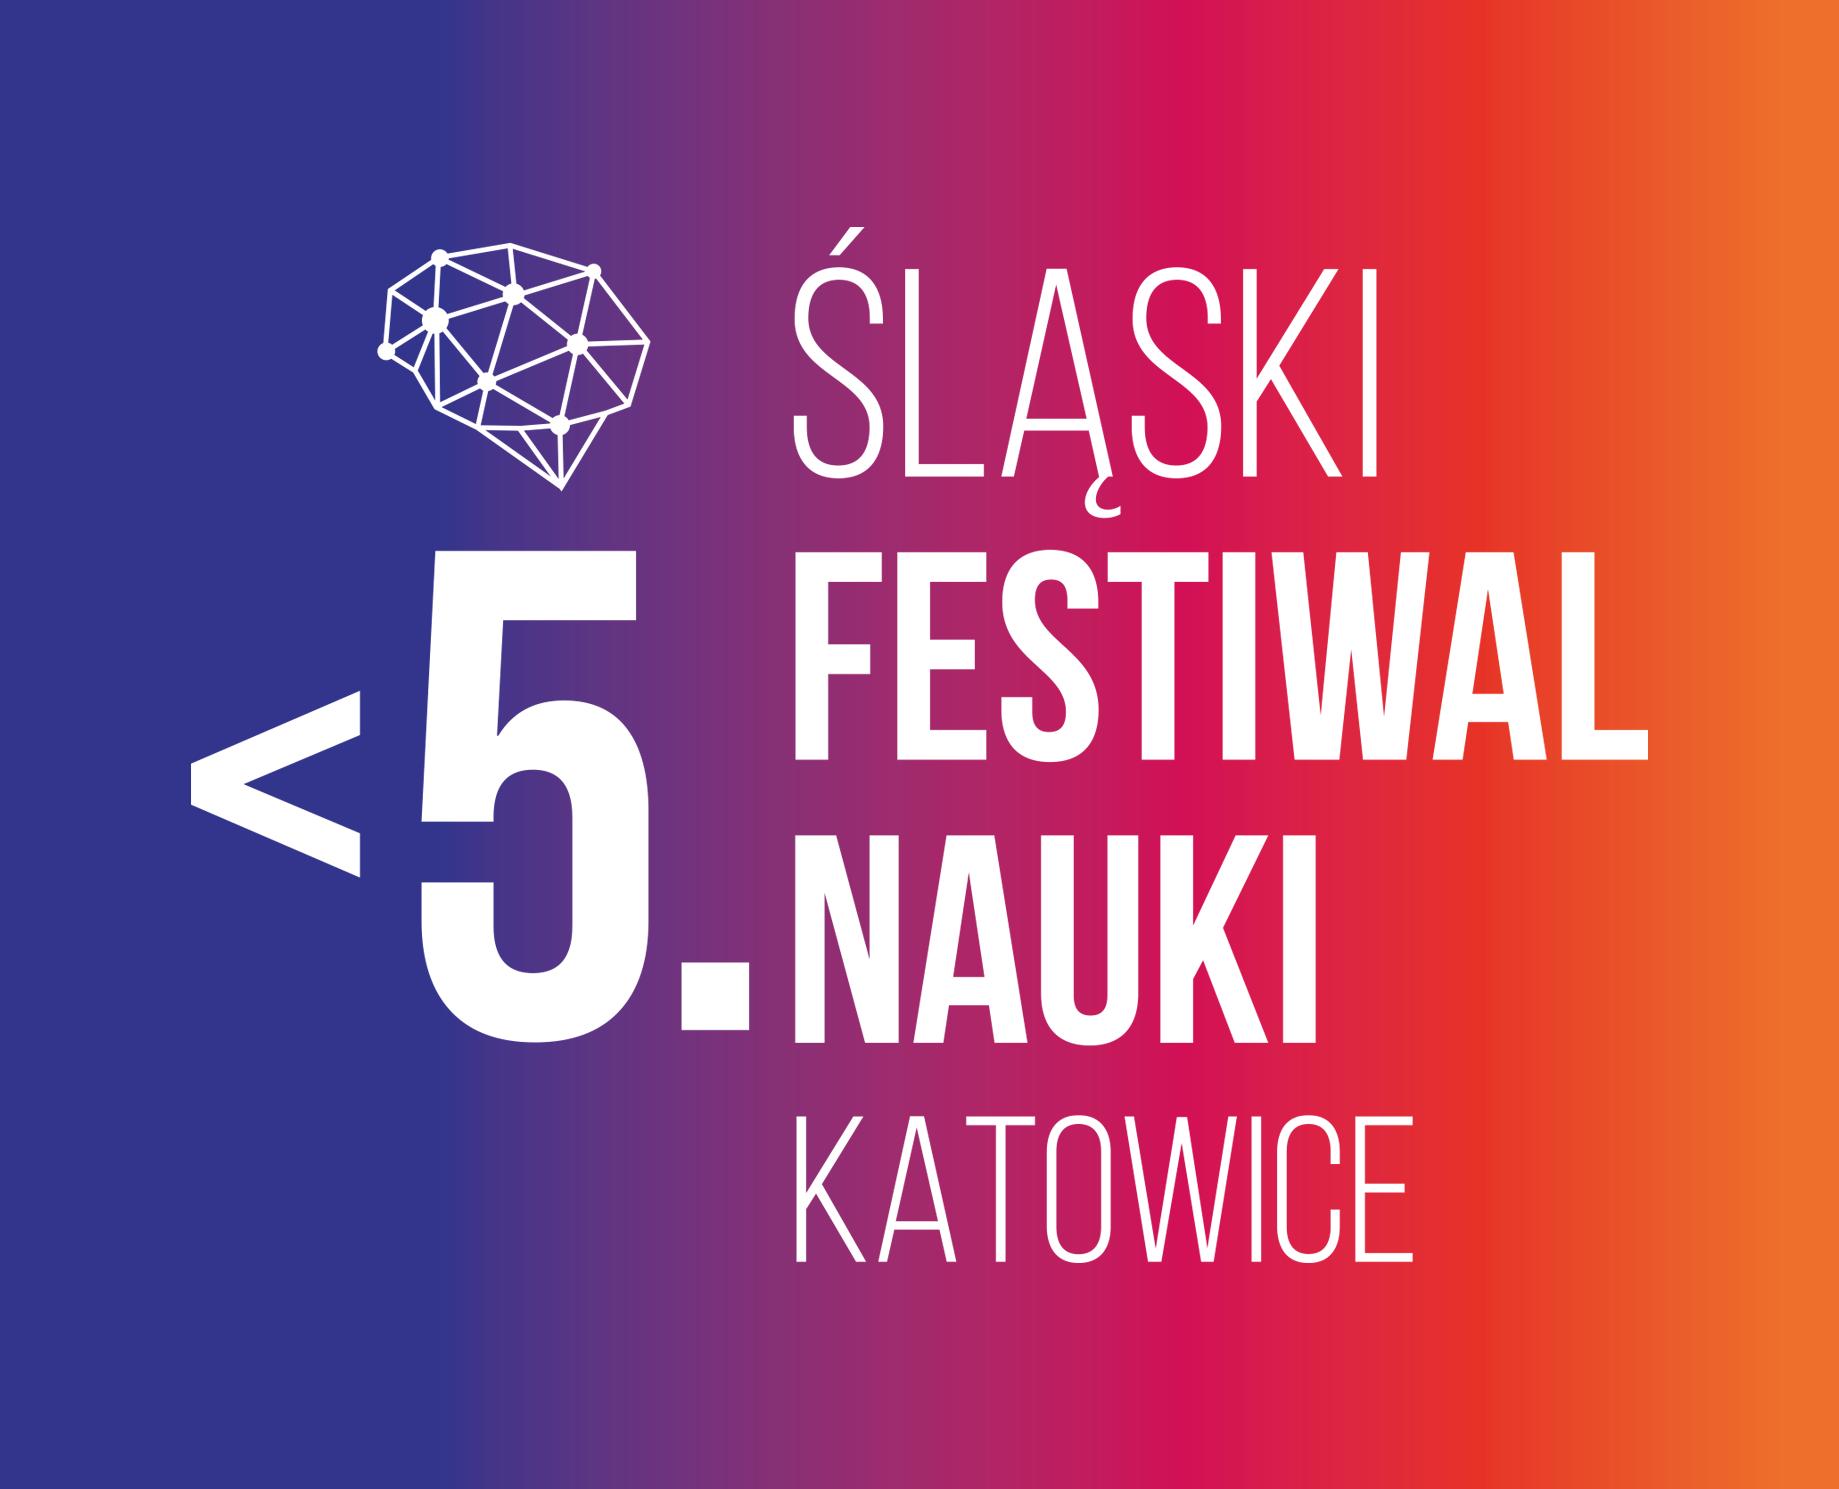 Śląski Festiwal Nauki KATOWICE z nowym terminem i... przedrostkiem